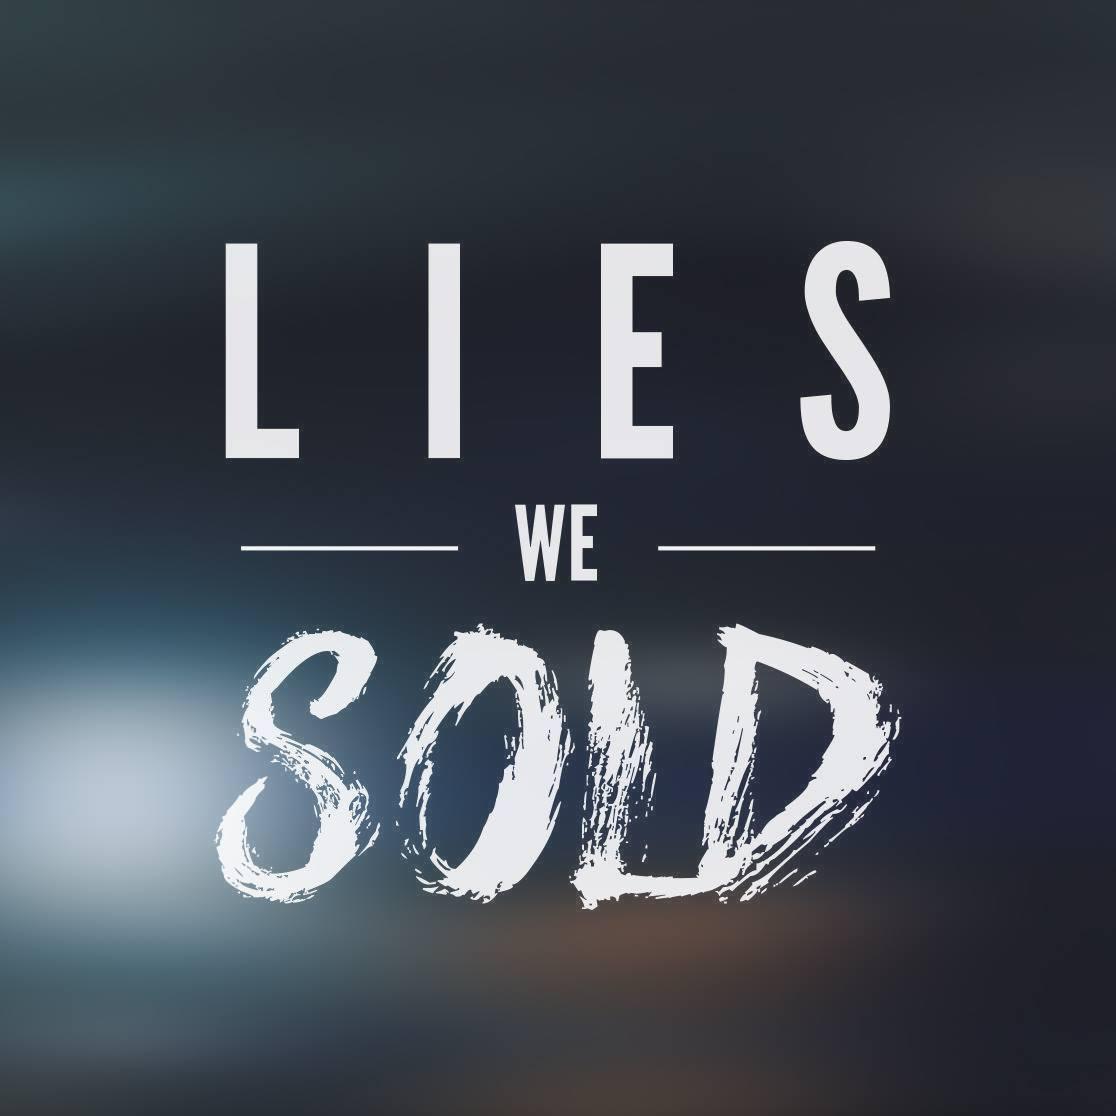 lies we sold